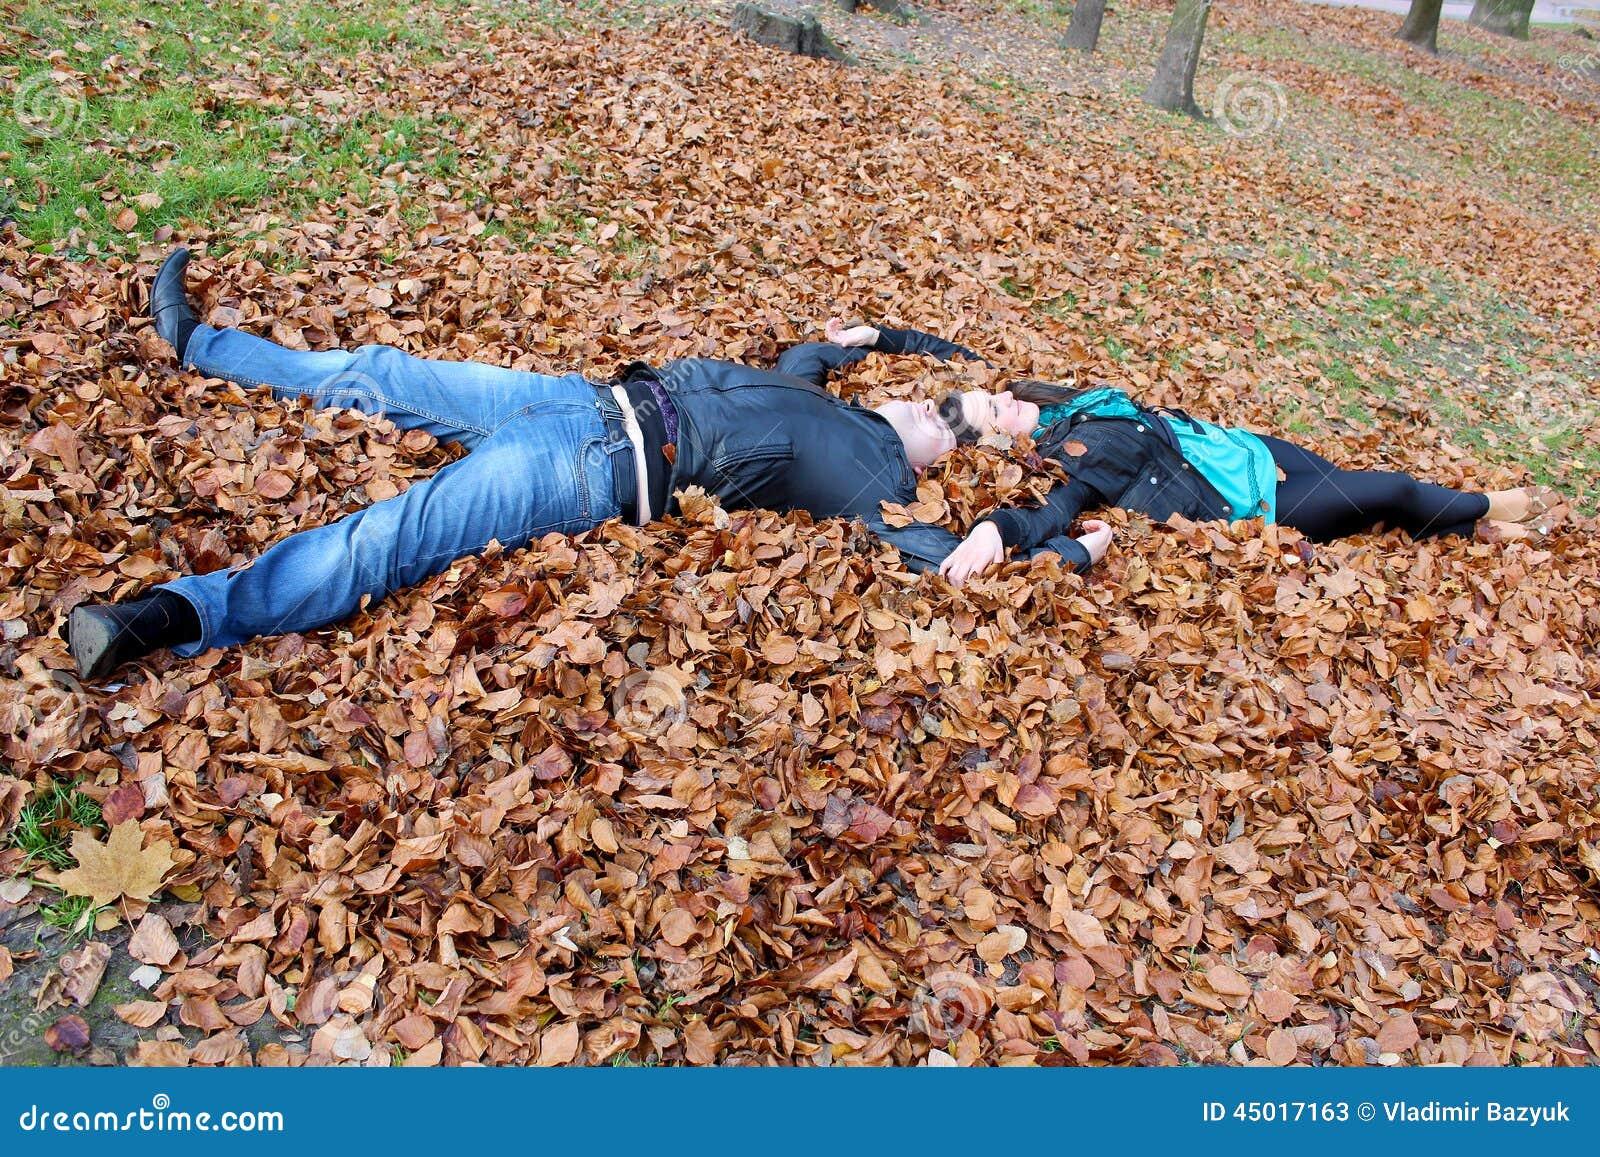 лежать в листьях